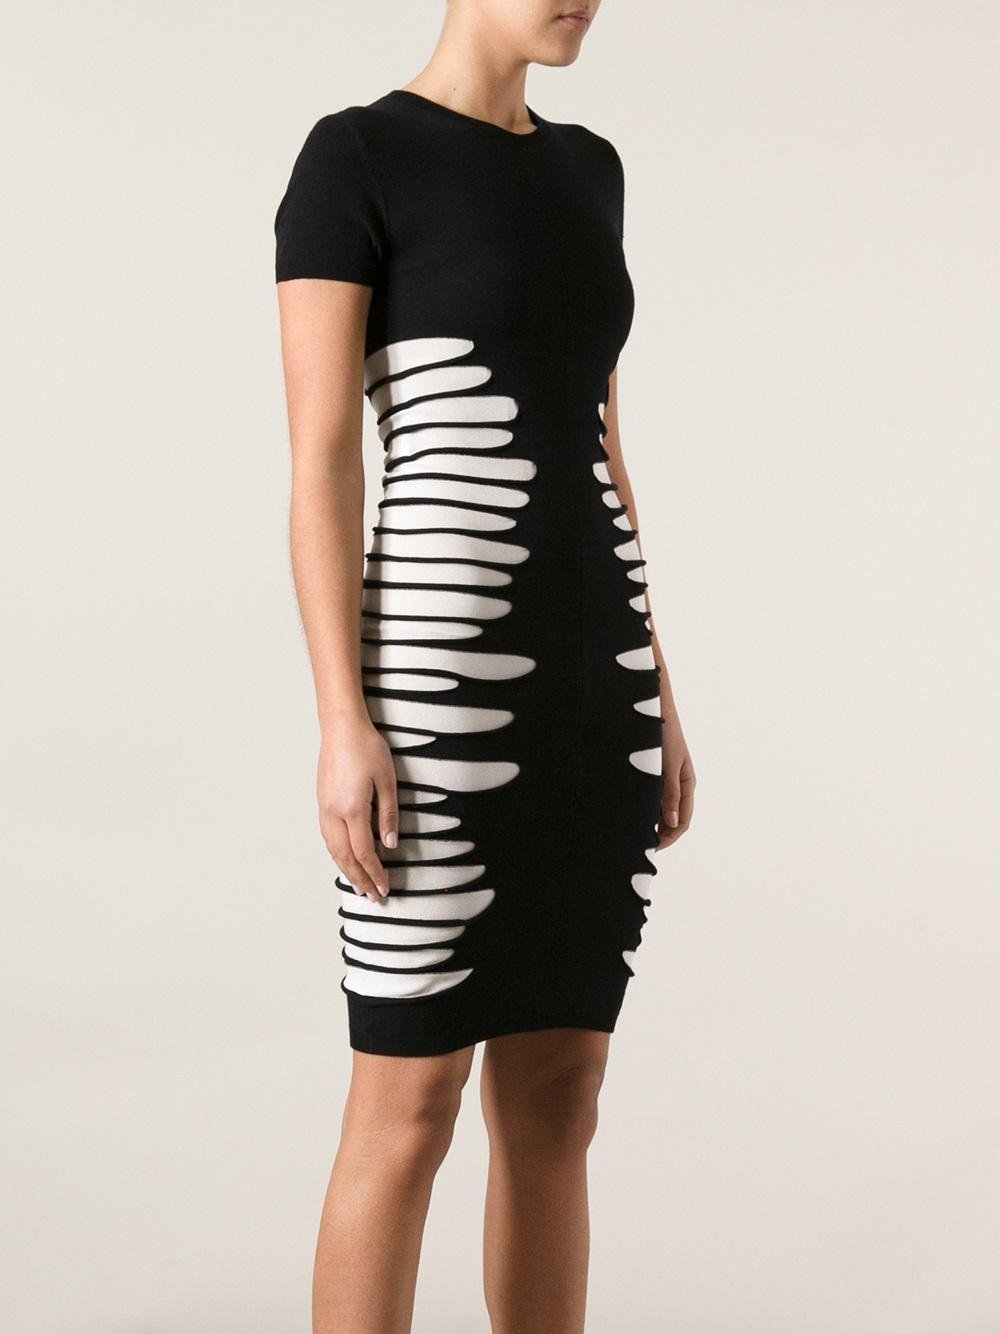 Mcq Ripped Dress In Black Lyst